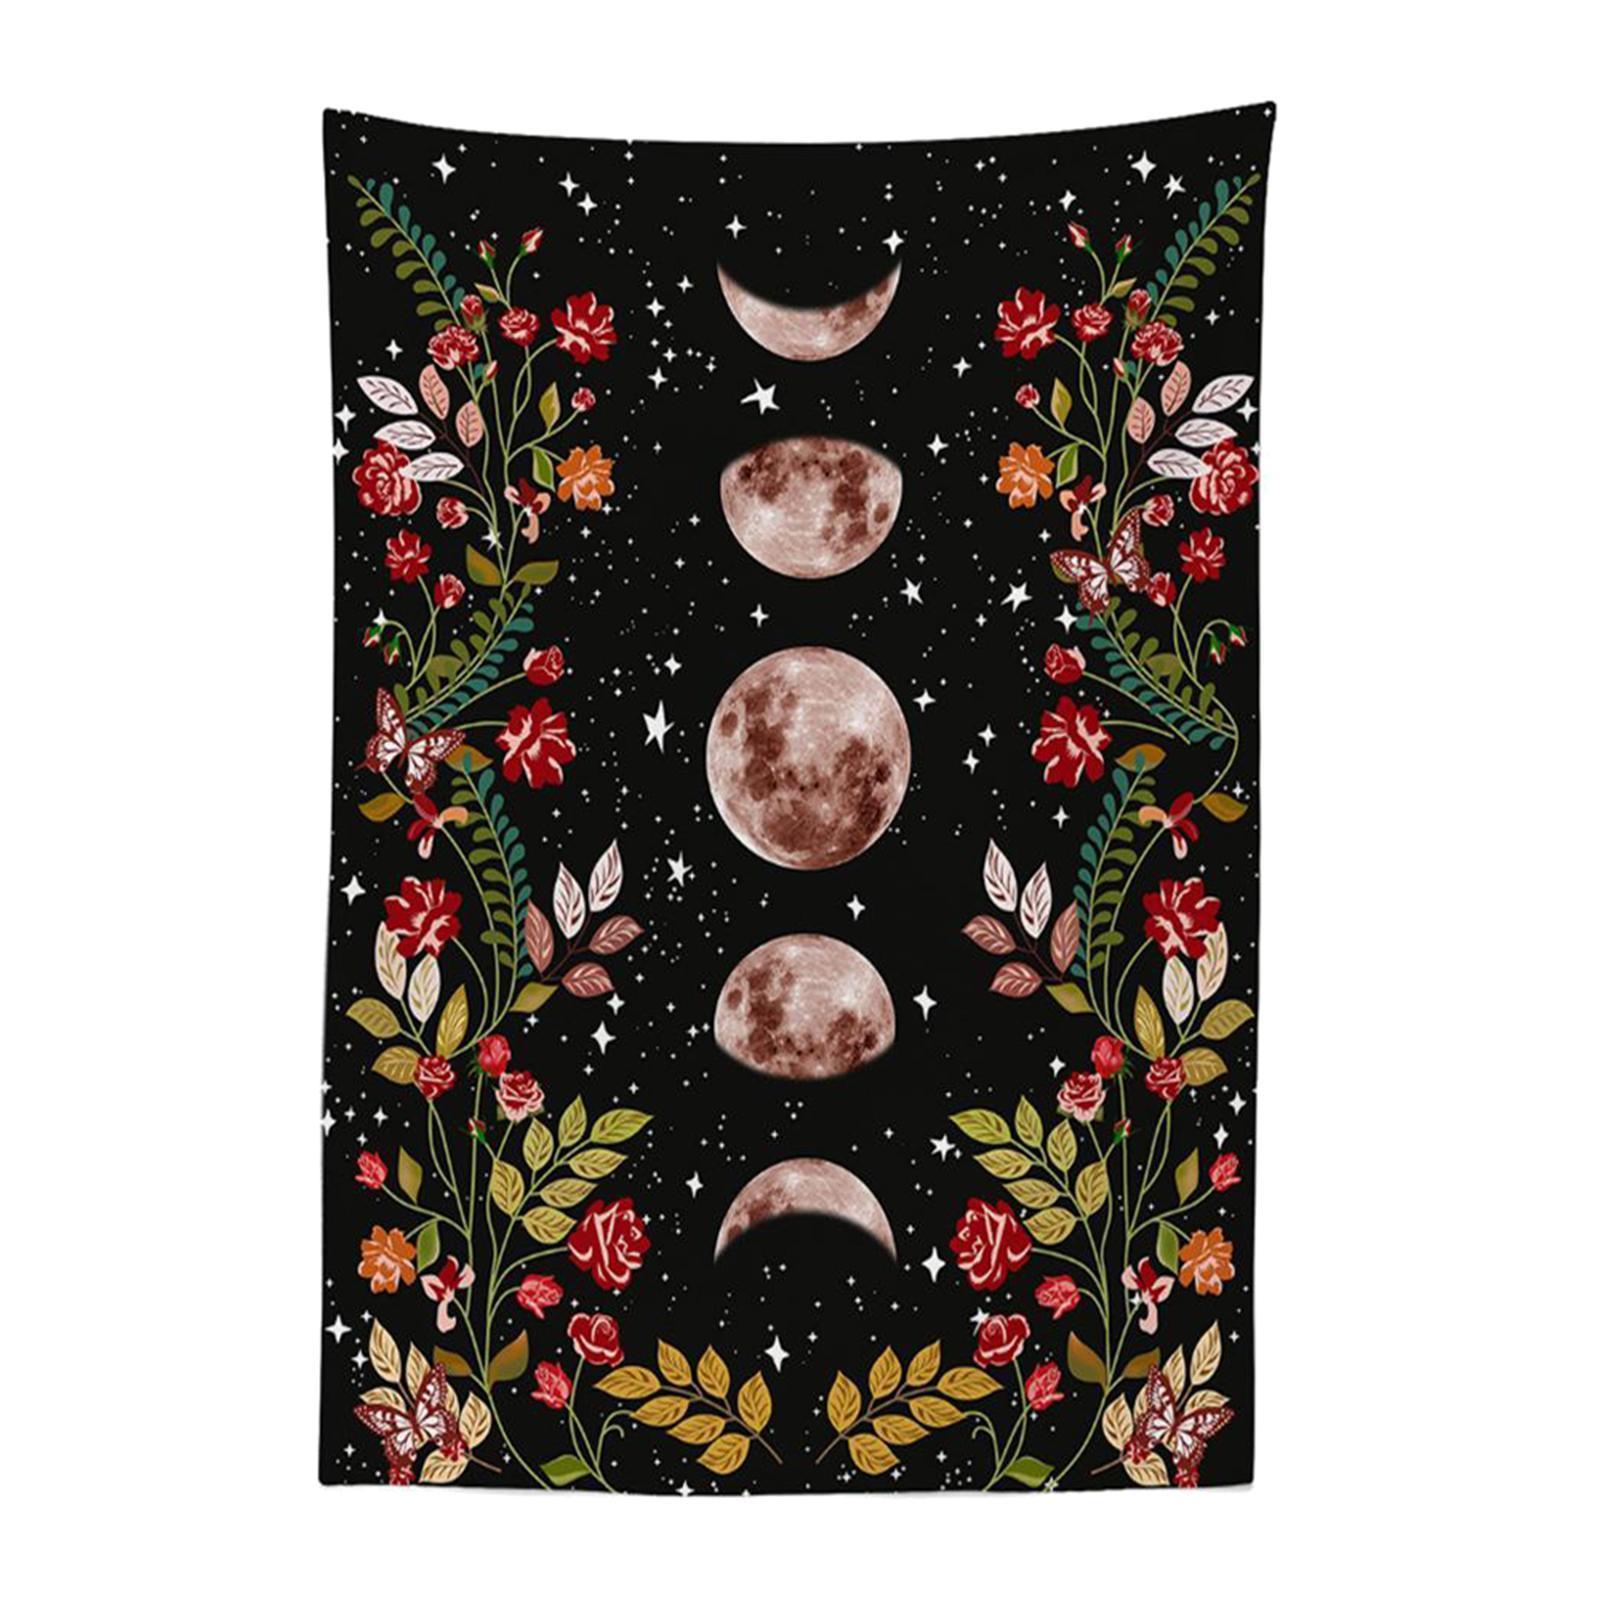 Arazzo-da-giardino-Moon-Star-Arazzi-Fiore-Vine-Arazzo-da-parete-Sfondo-nero miniatura 8